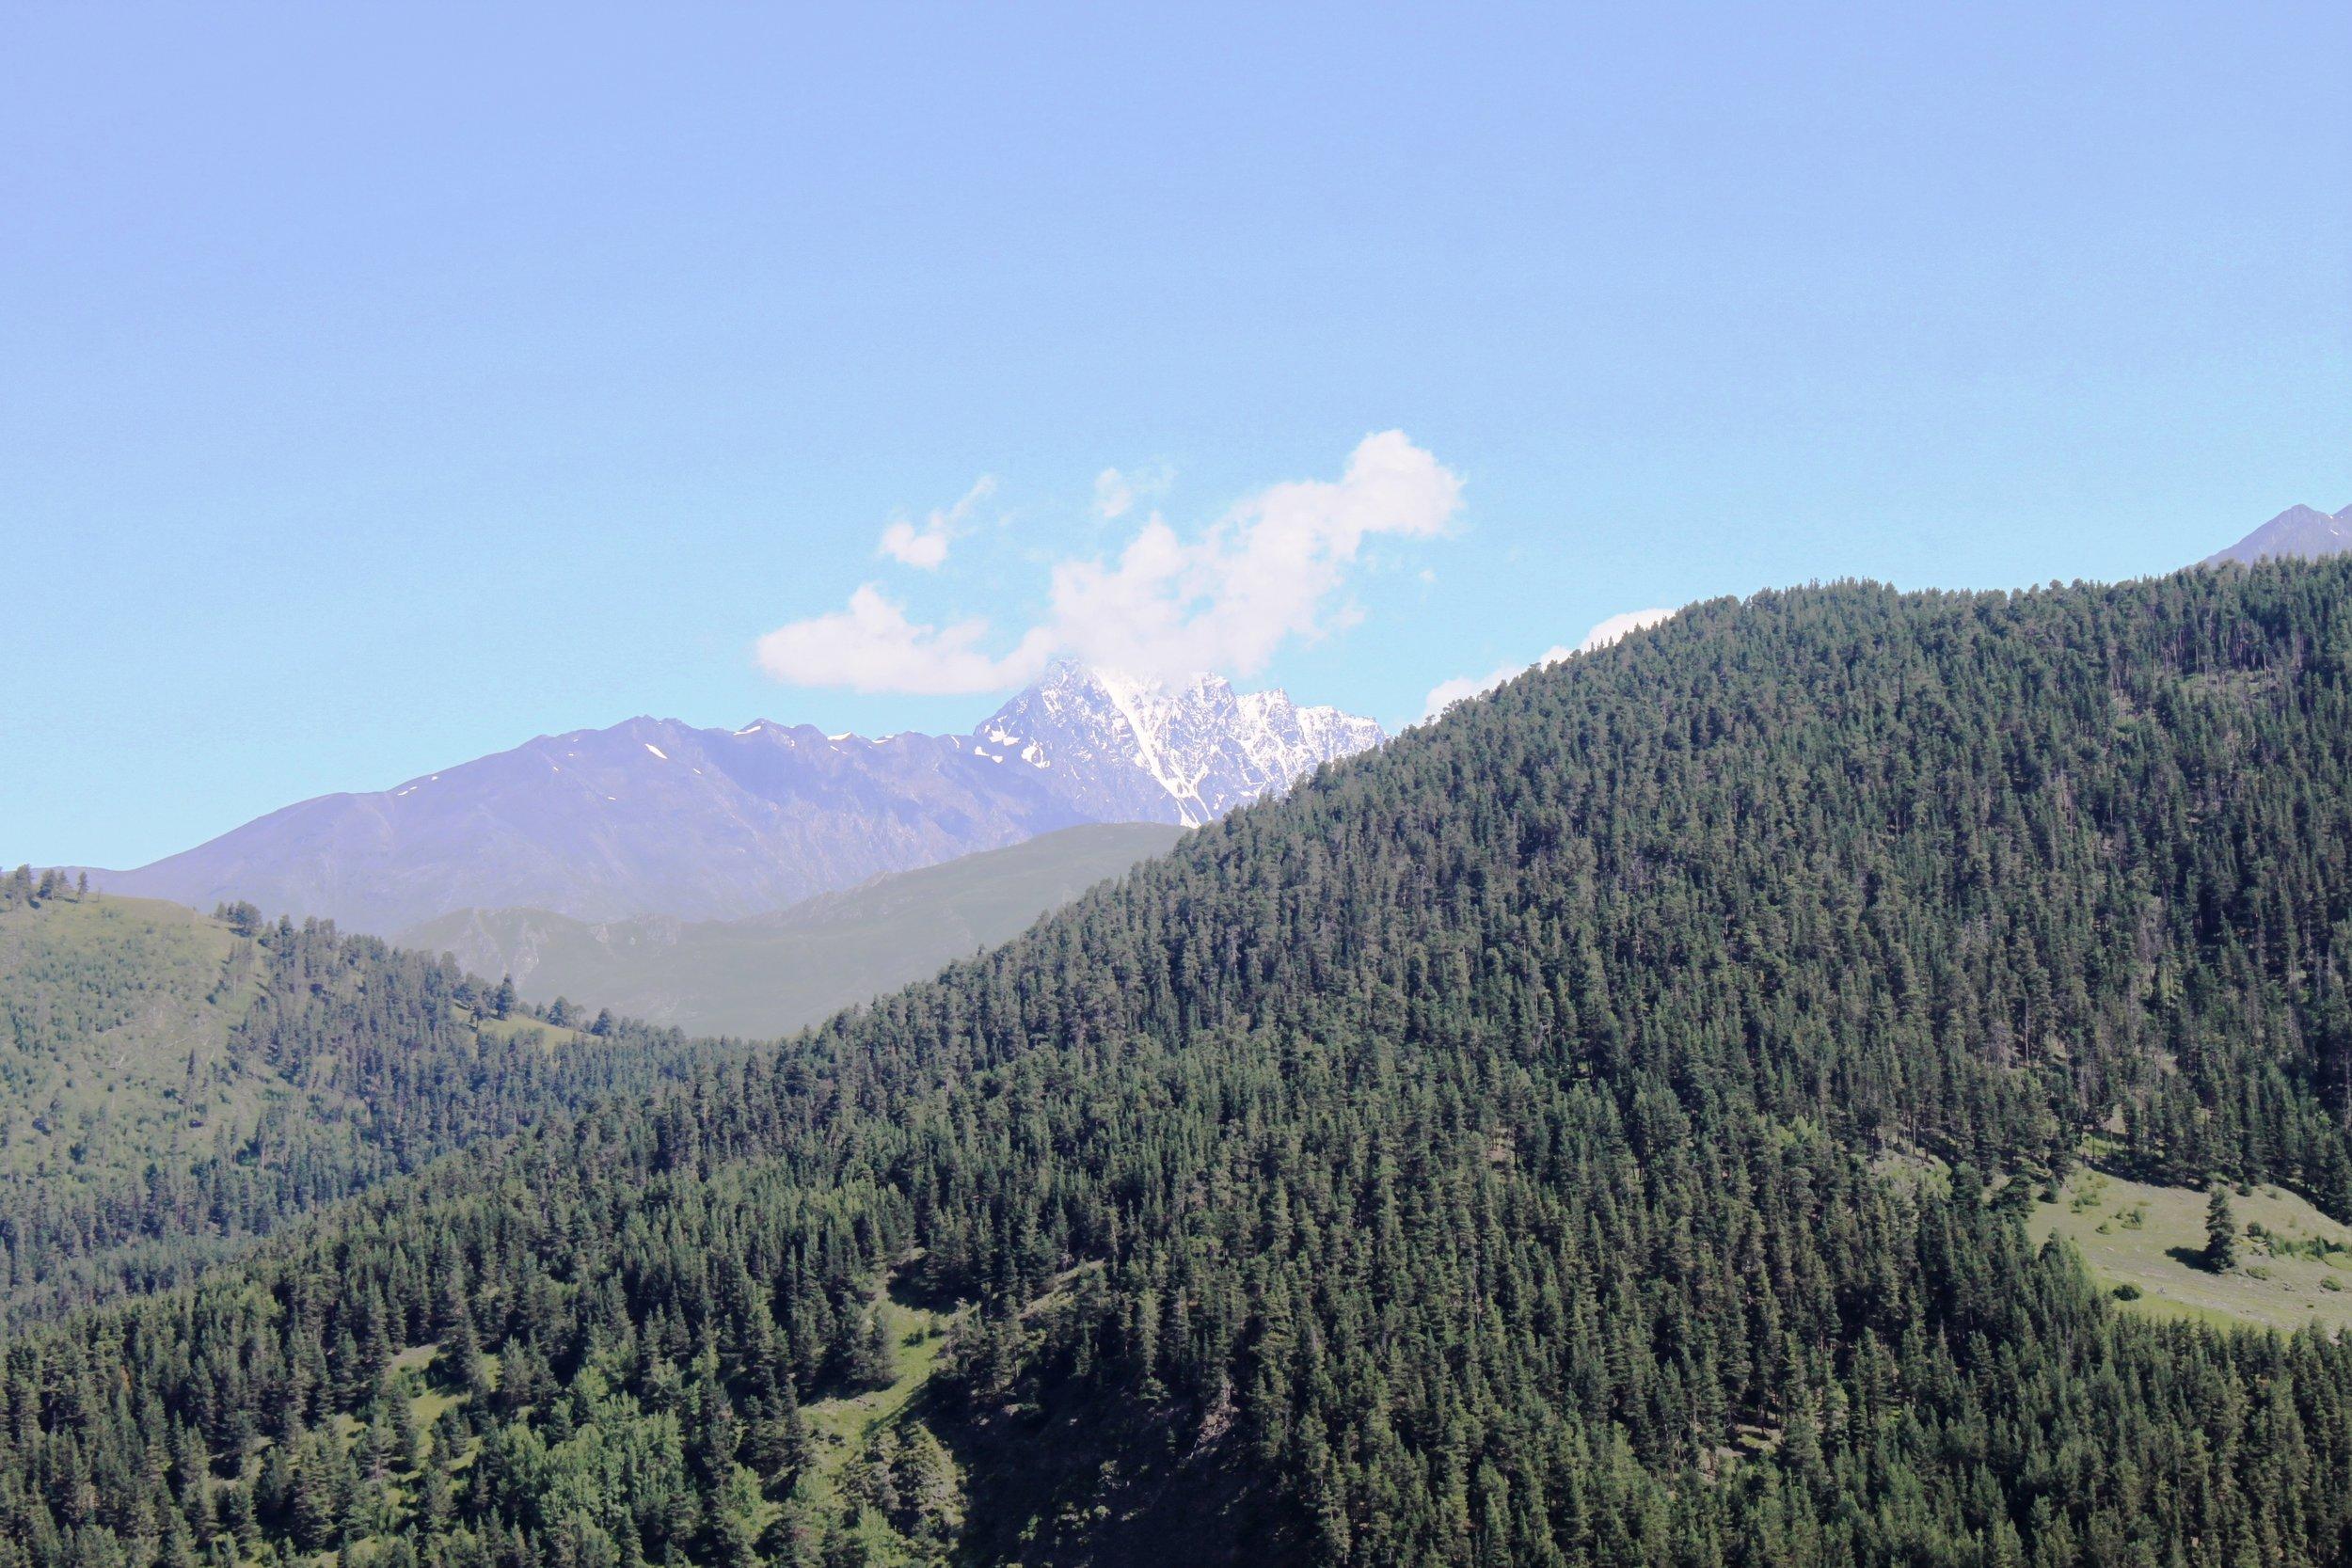 За той заснеженной горой - Чечня. Правее - Дагестан, до него 8 километров по тропе через перевал